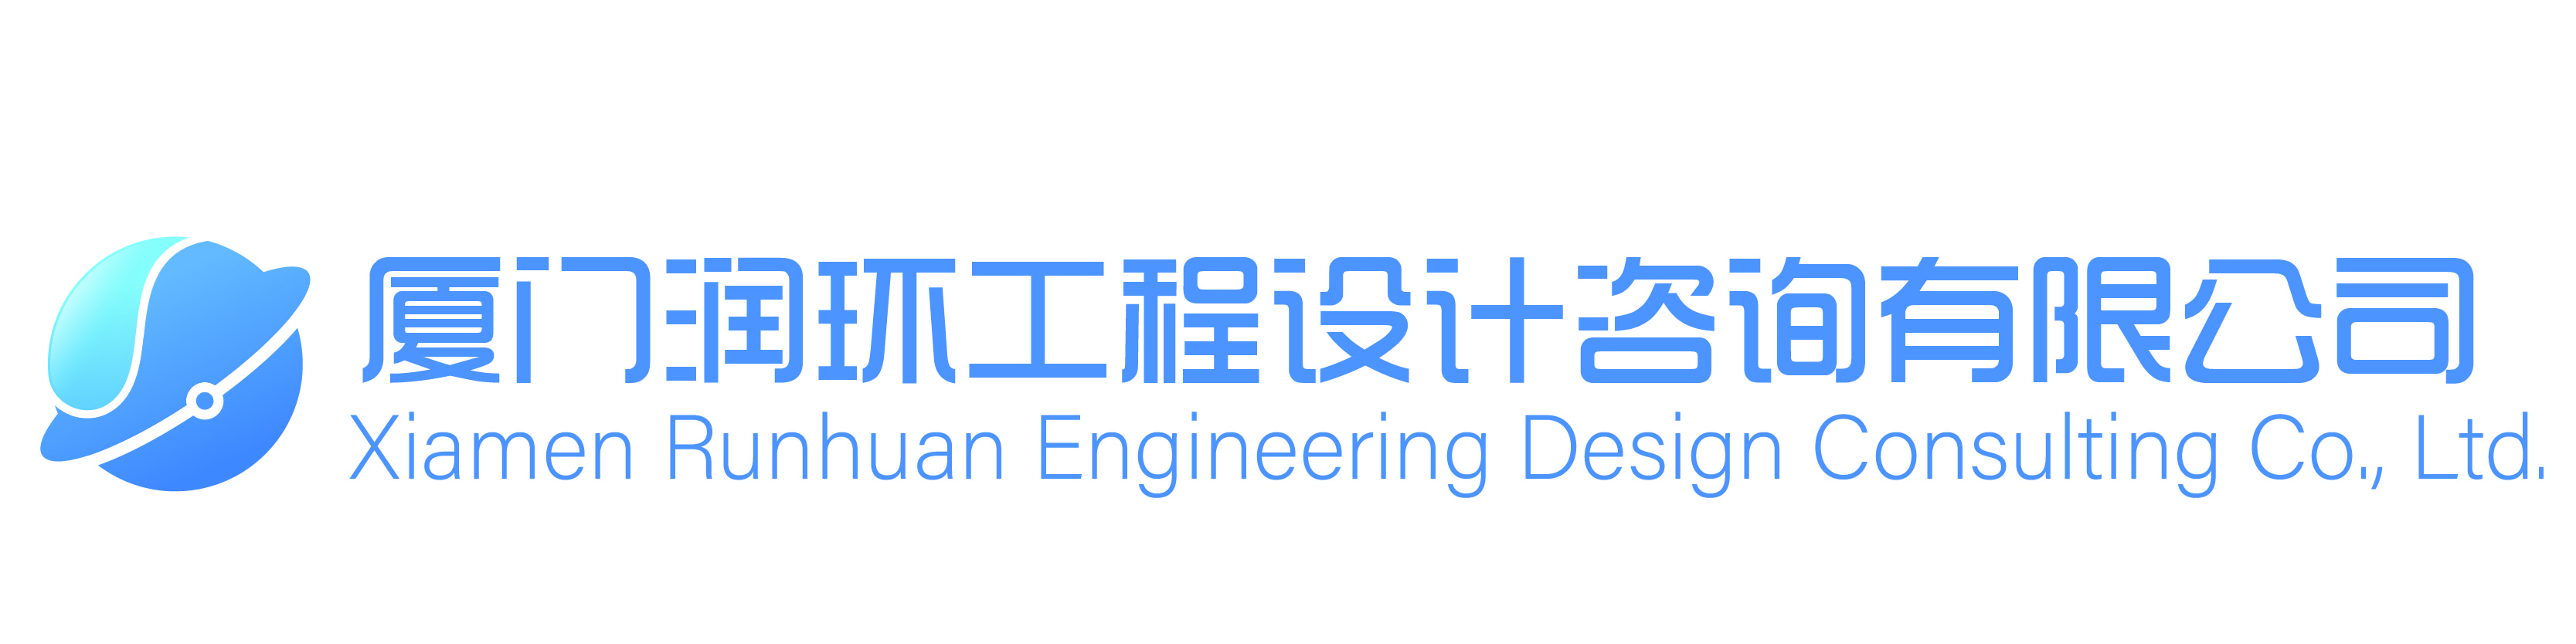 厦门润环工程设计咨询有限公司